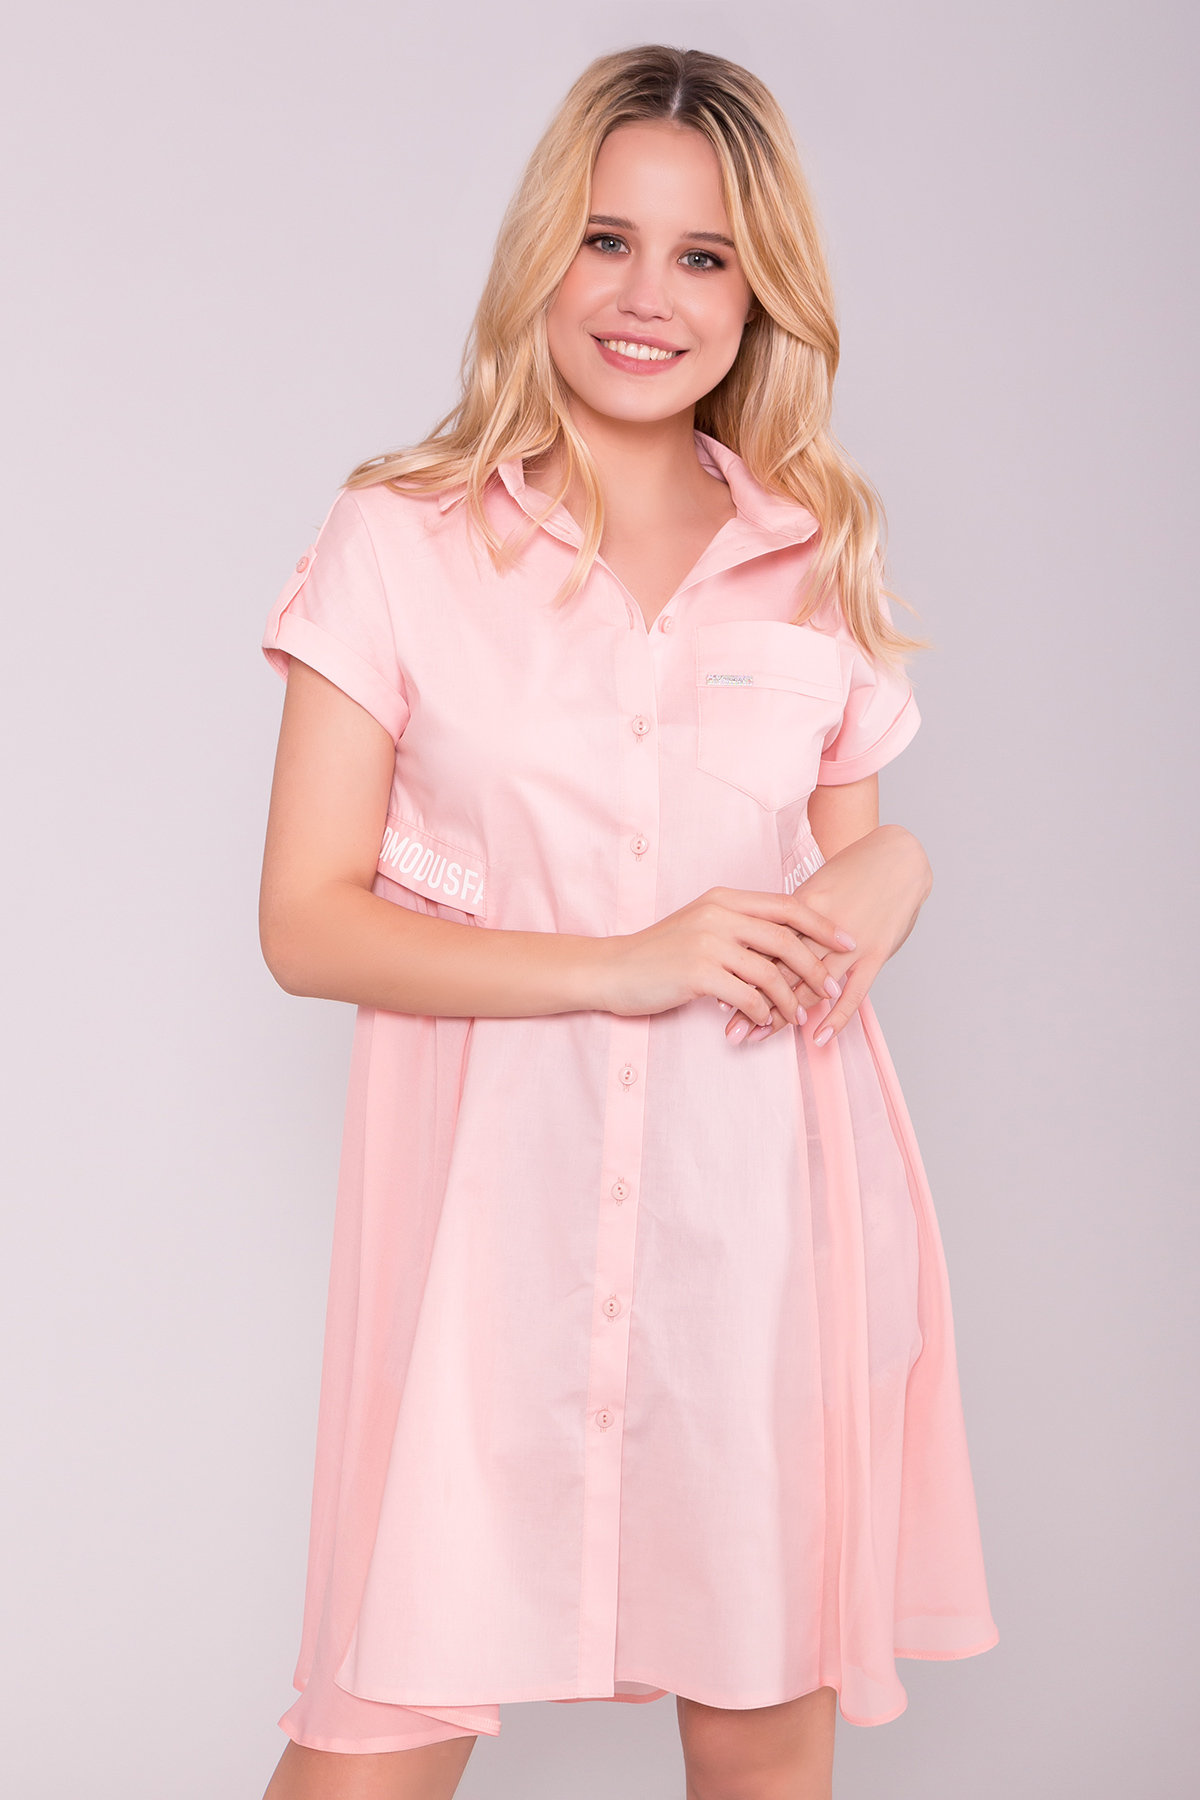 Платье-рубашка Саби  7268 АРТ. 42848 Цвет: Пудра - фото 4, интернет магазин tm-modus.ru